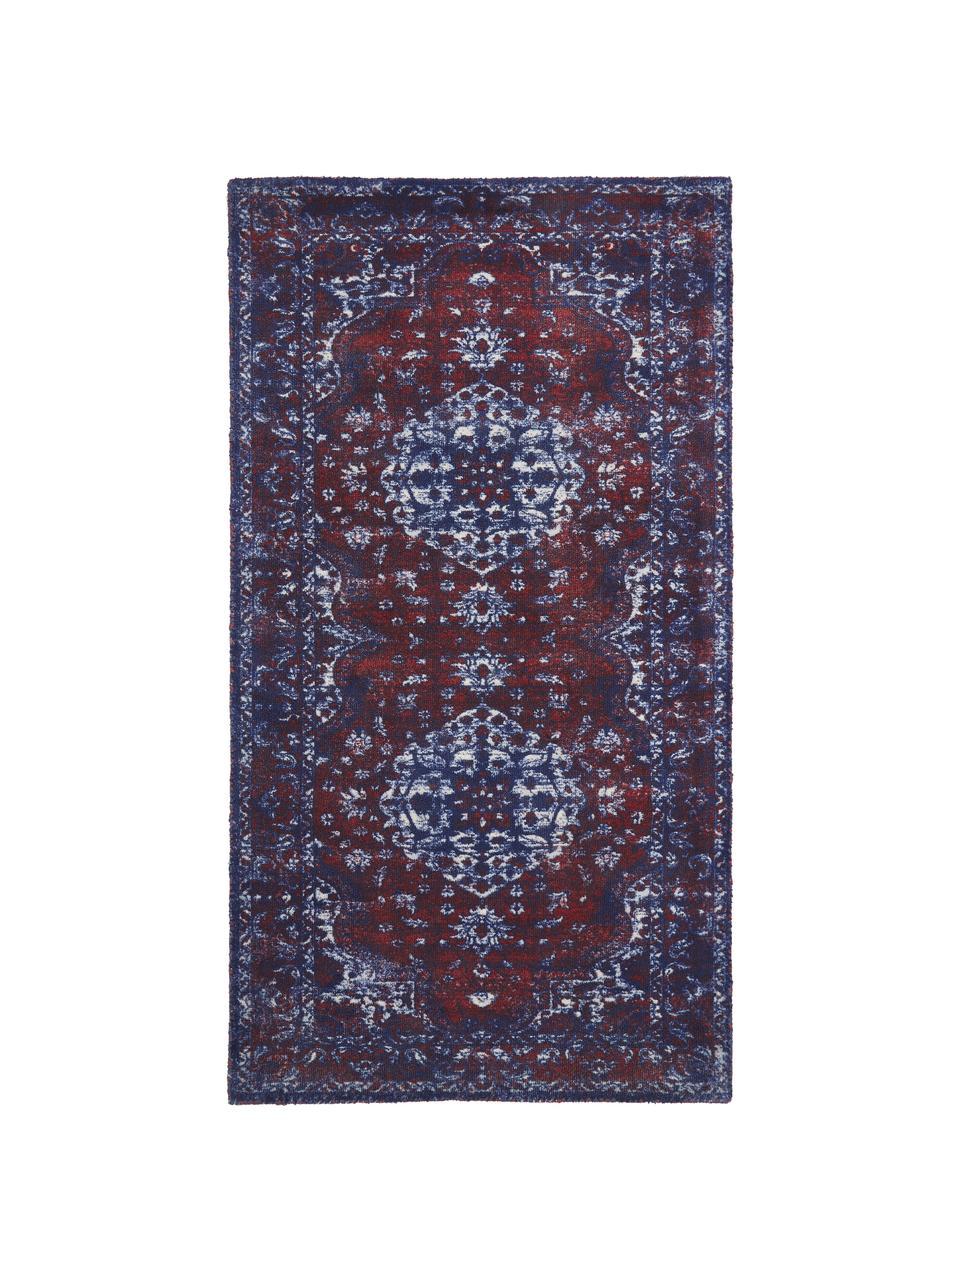 Vloerkleed Elegant in vintage stijl, Bovenzijde: 100% nylon, Onderzijde: 100% katoen, Rood, blauw, B 80 x L 150 cm (maat XS)